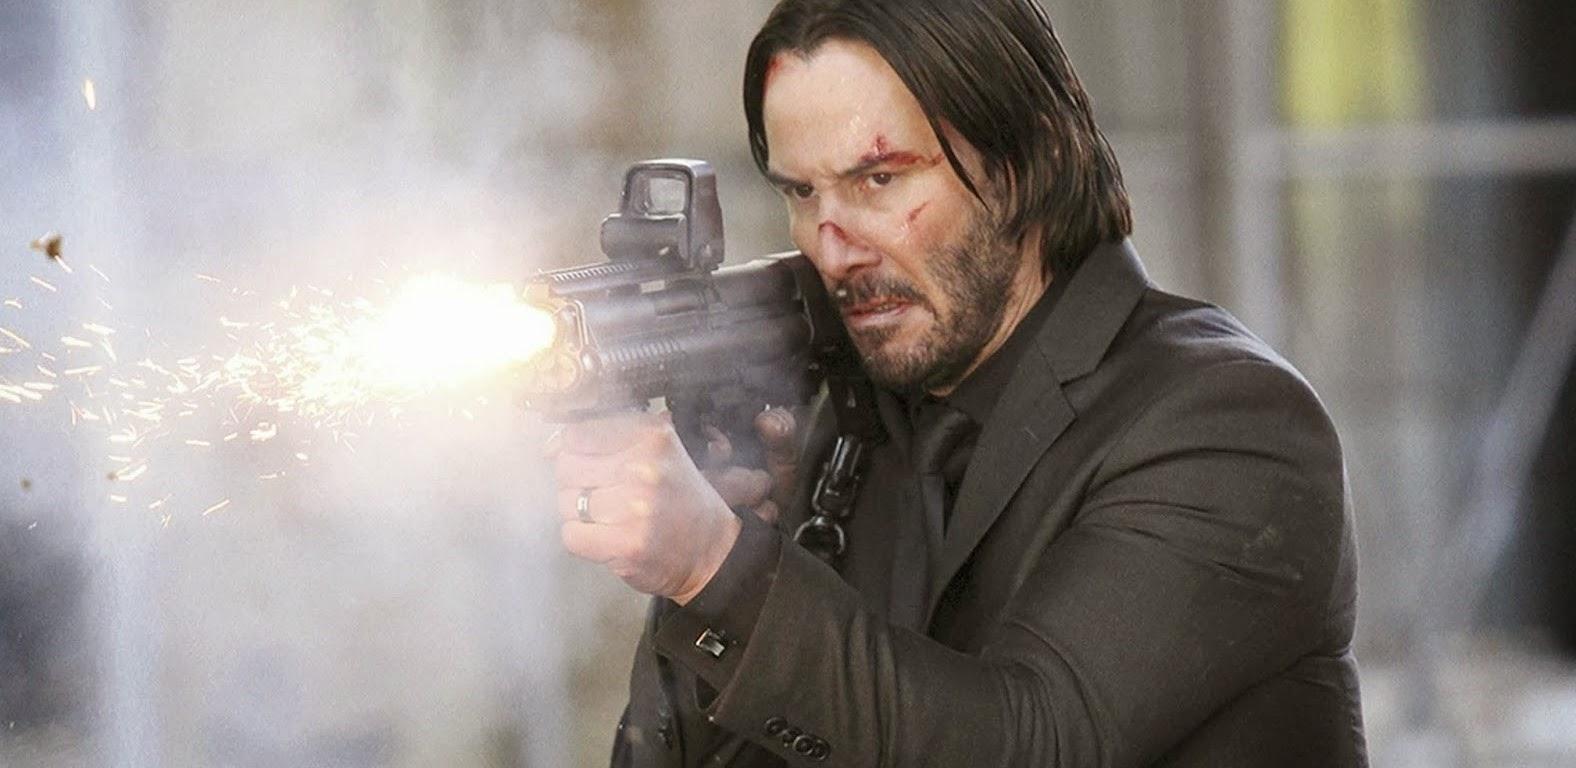 Mais ação no trailer final de John Wick, com Keanu Reeves, Willem Dafoe e Adrianne Palicki